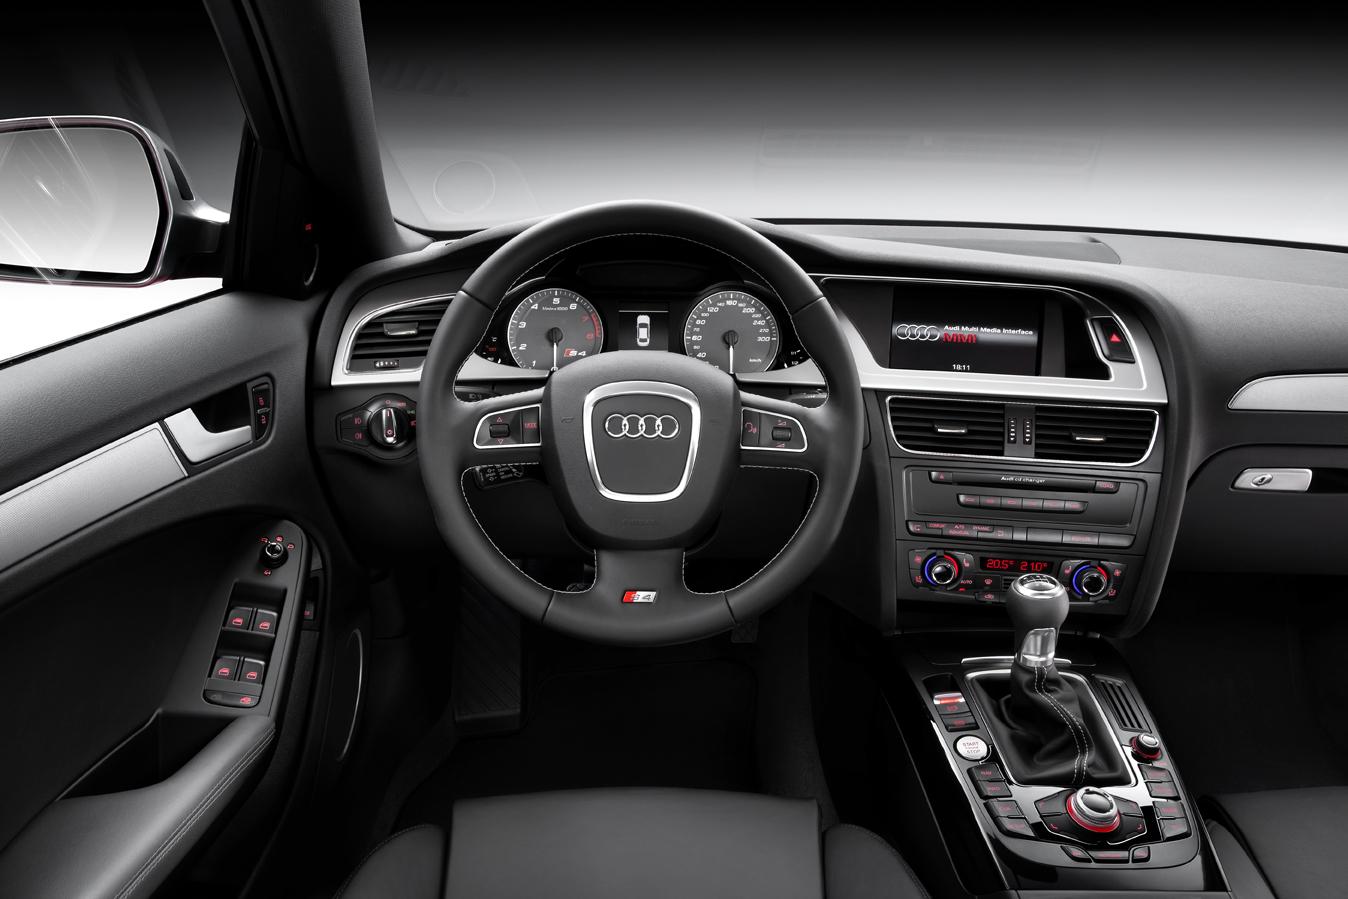 2010 Audi S4 Avant For Sale